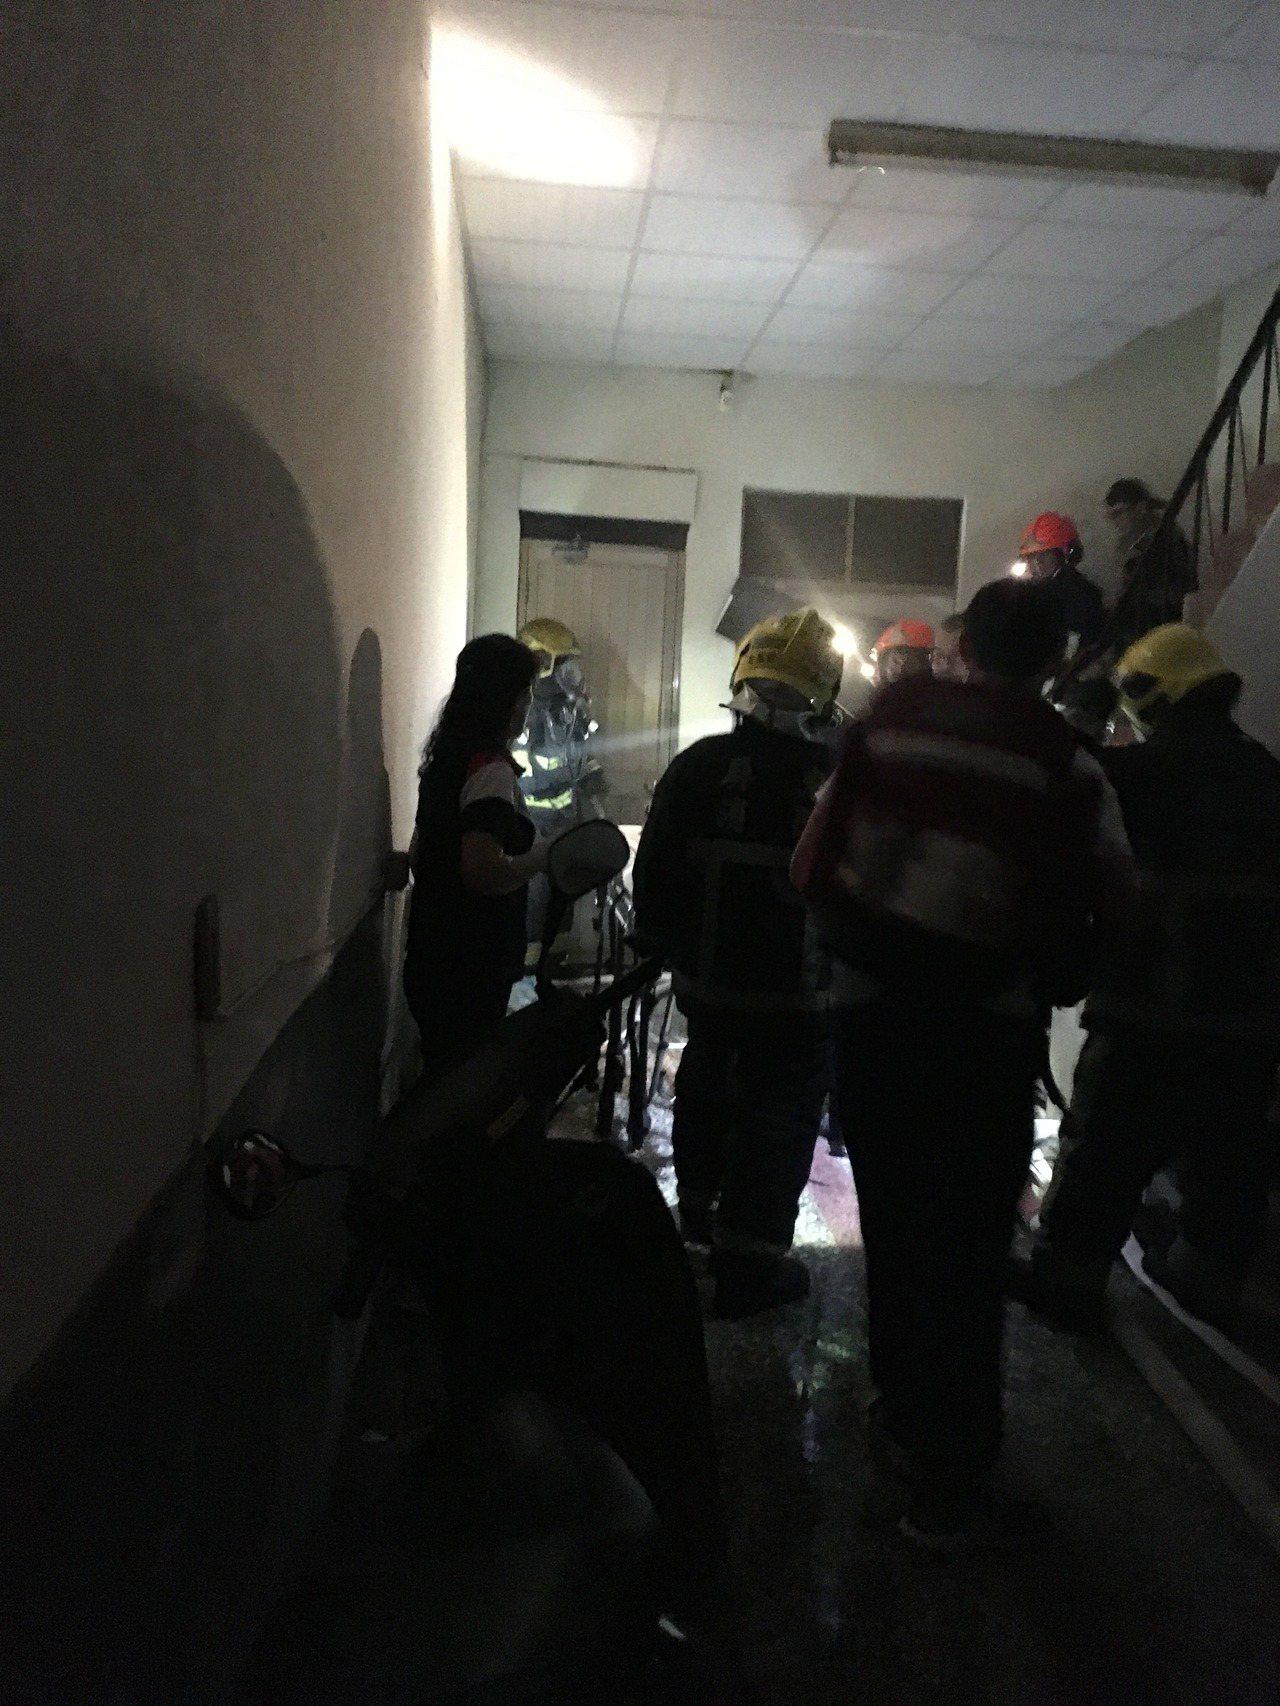 屏東縣潮州鎮北平路一棟3層樓出租套房,晚間7點半發生火警意外,在二樓房內一名年約...